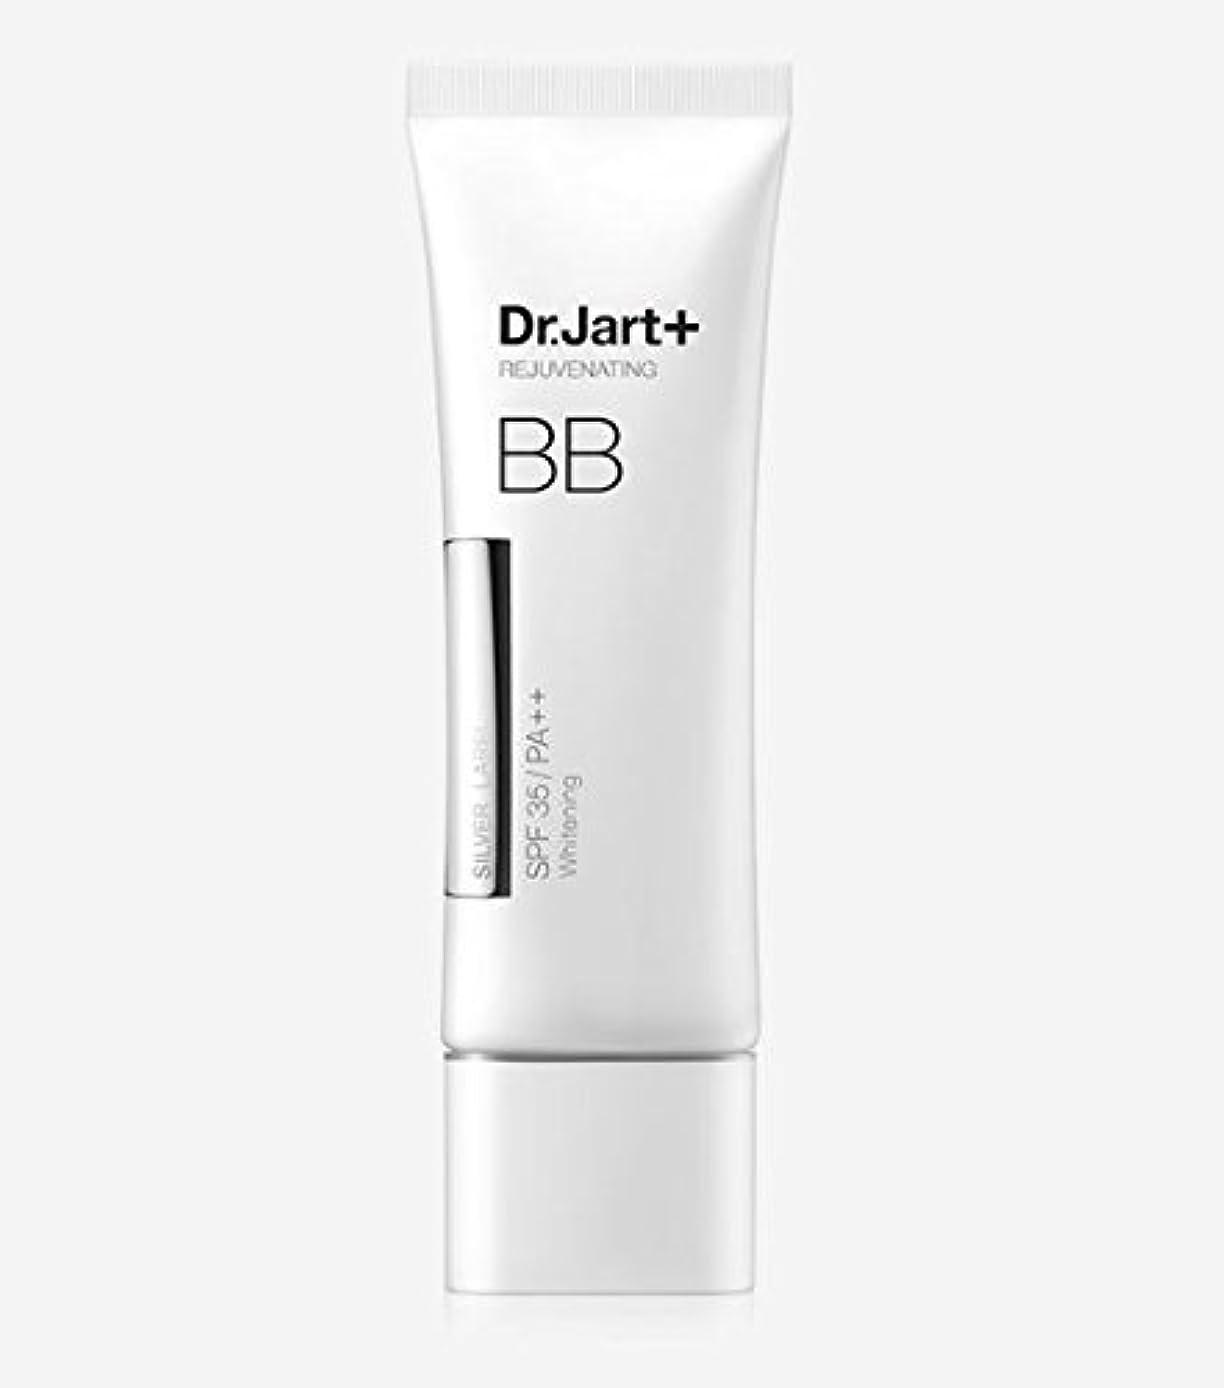 光のランドリー辛な[Dr. Jart] Silver Label BB Rejuvenating Beauty Balm 50ml SPF35 PA++/[ドクタージャルト] シルバーラベル BB リジュビネイティング ビューティー バーム...